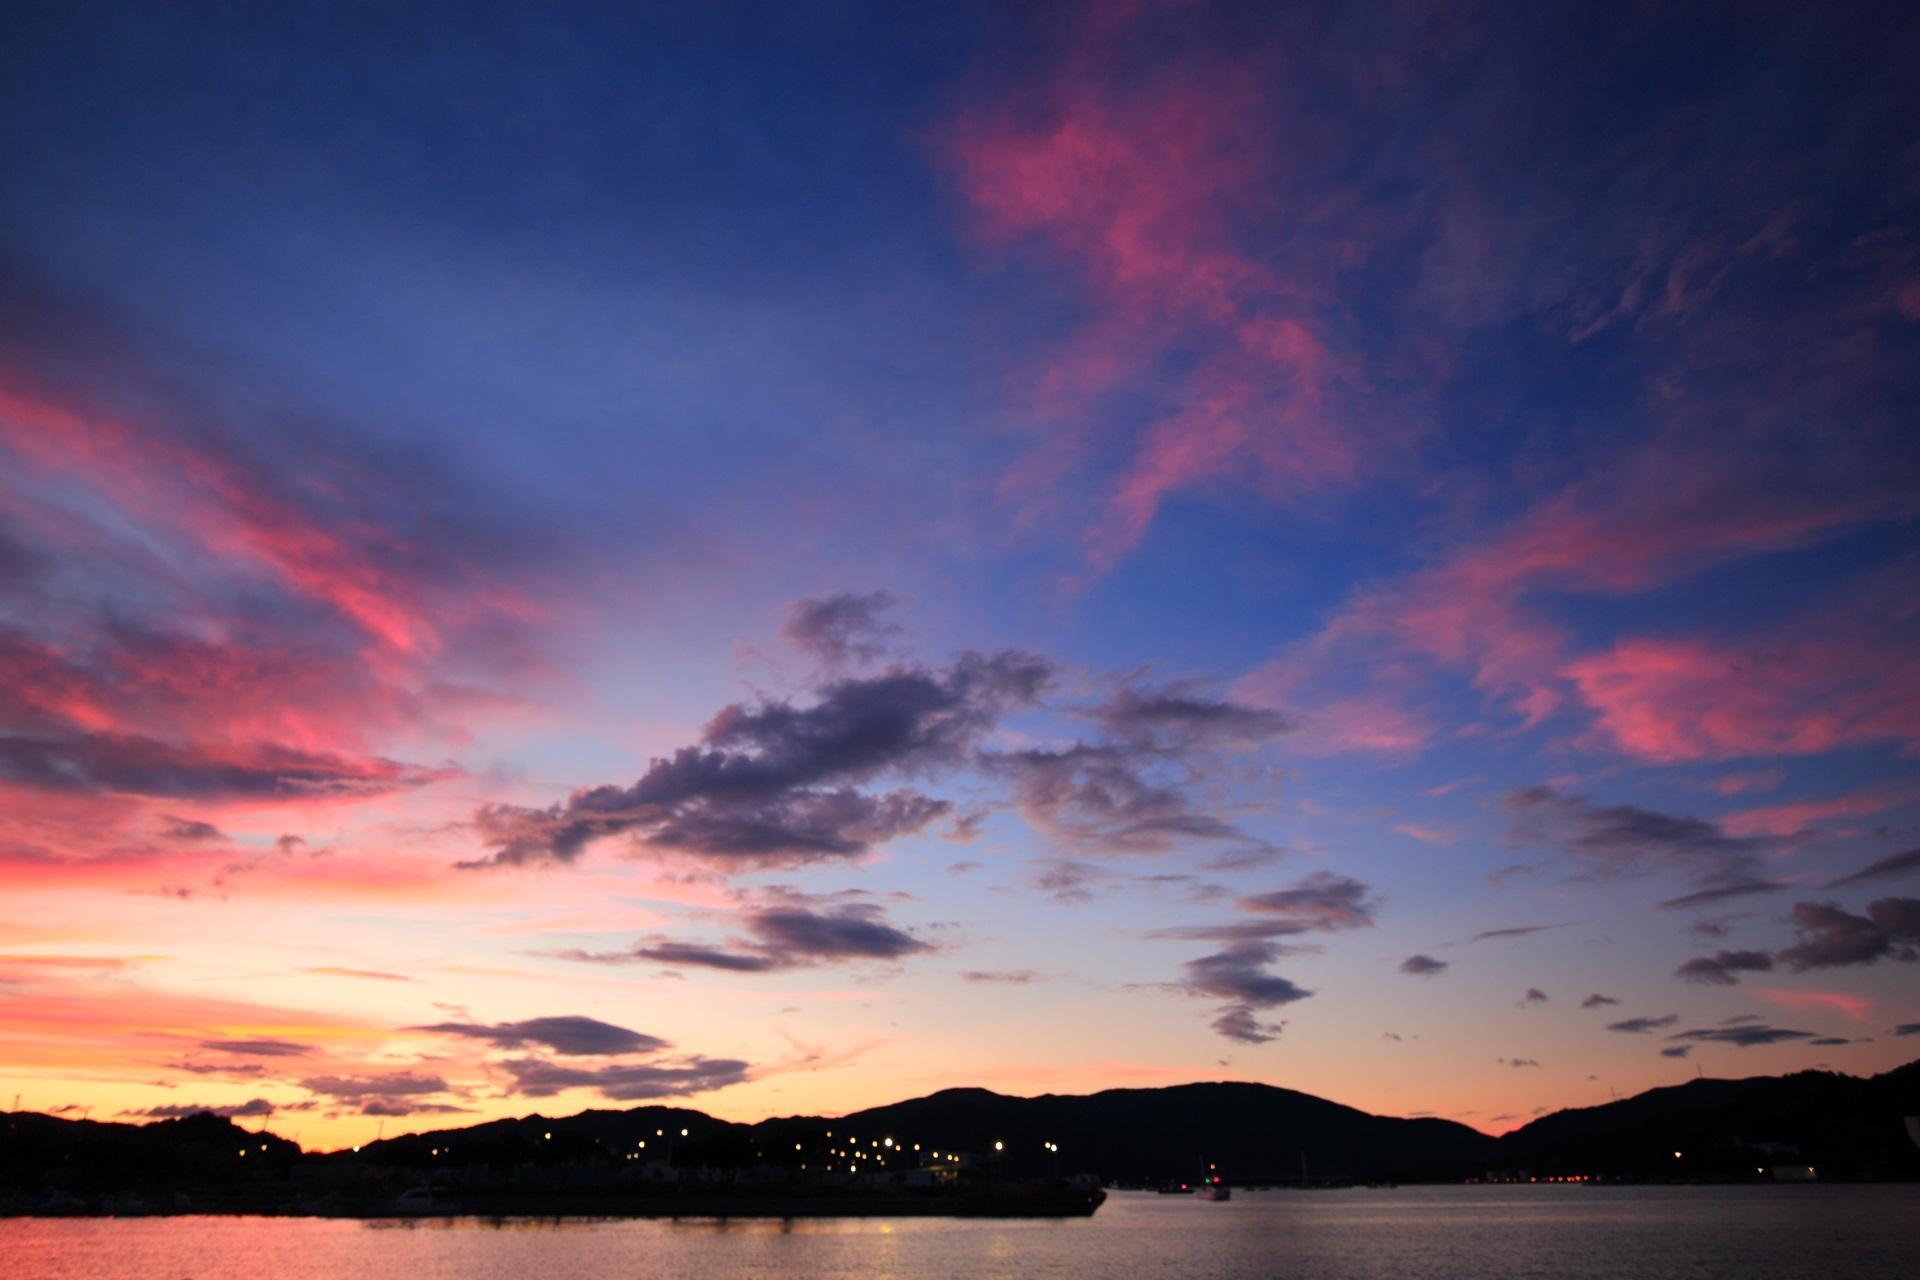 舞鶴港 夕焼け 黄昏にそまる舞鶴湾の幻想的な空